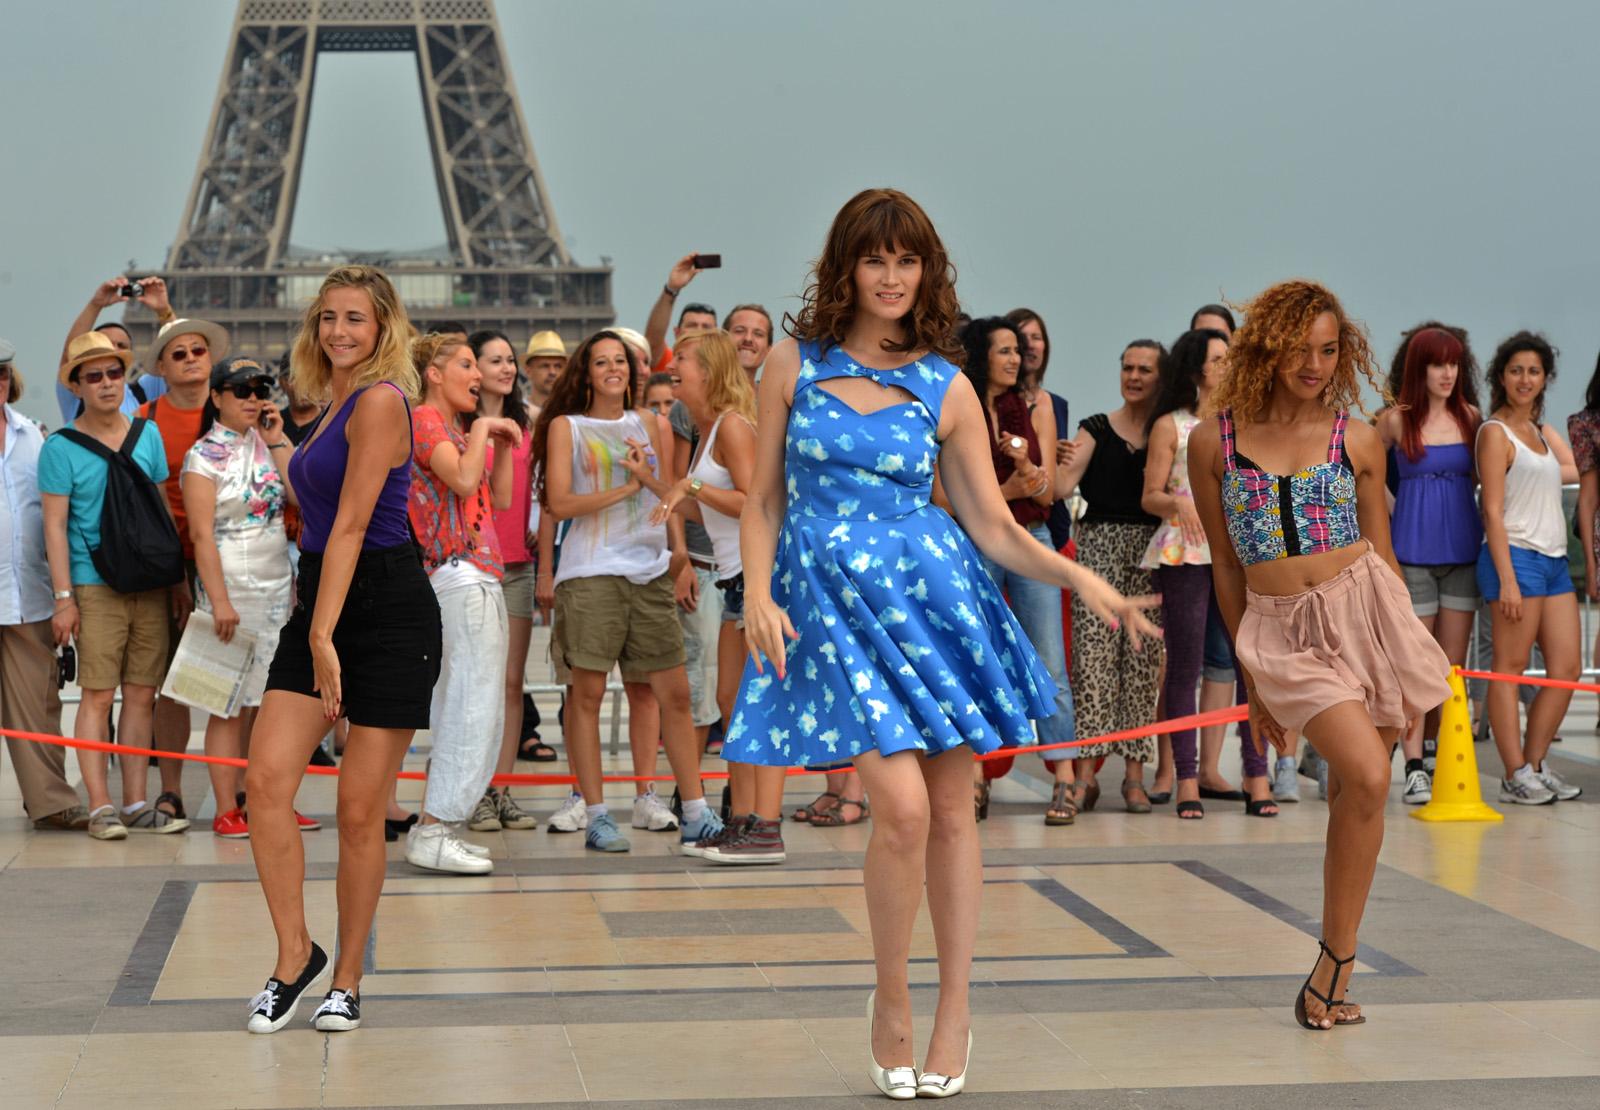 Секс в париже смотреть бесплатно 15 фотография